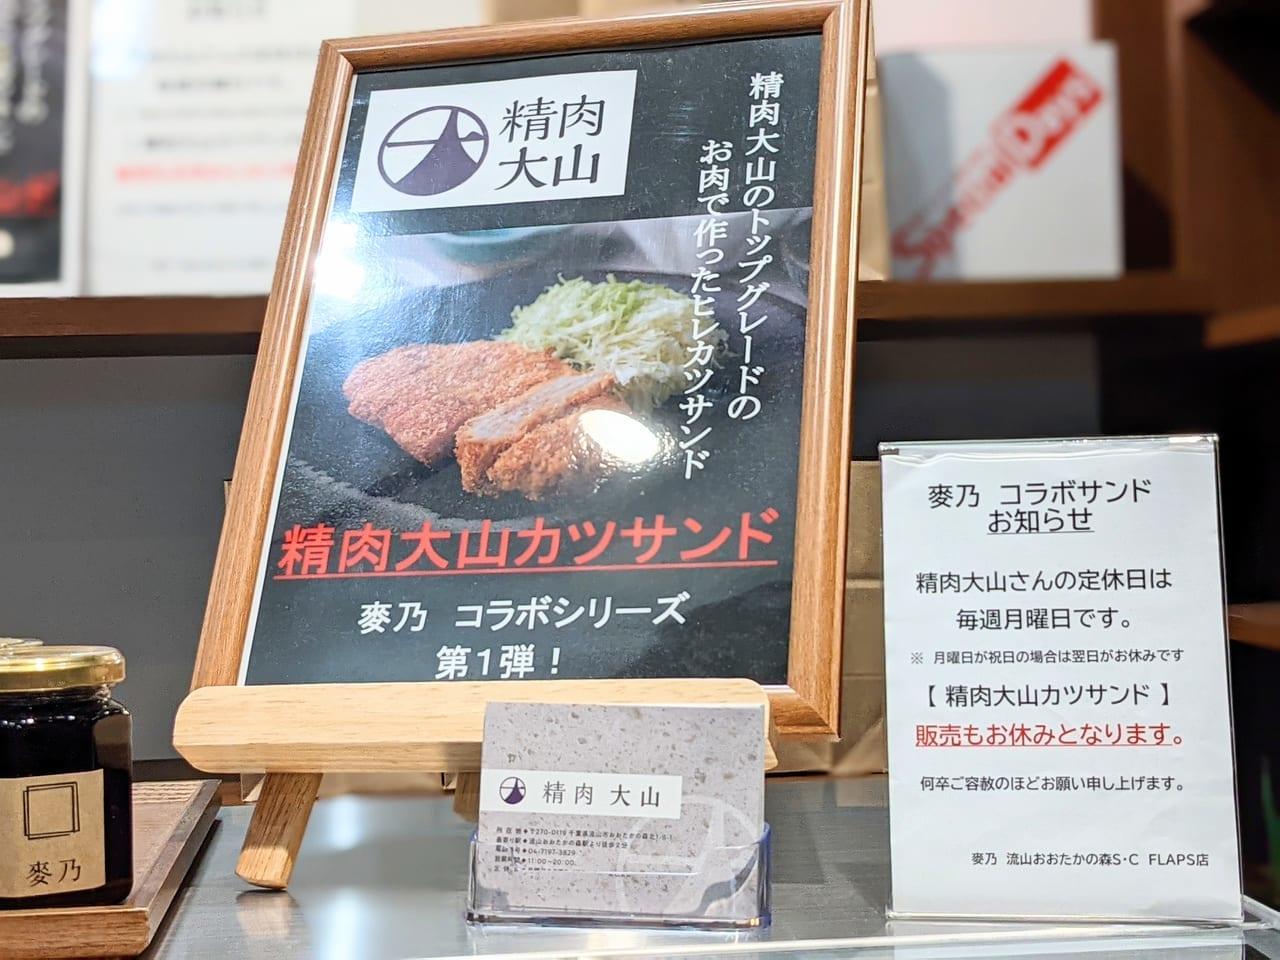 精肉大山×麥乃のコラボカツサンド《第1弾》は6月30日までの限定販売です!7月以降もコラボサンドが登場予定!?